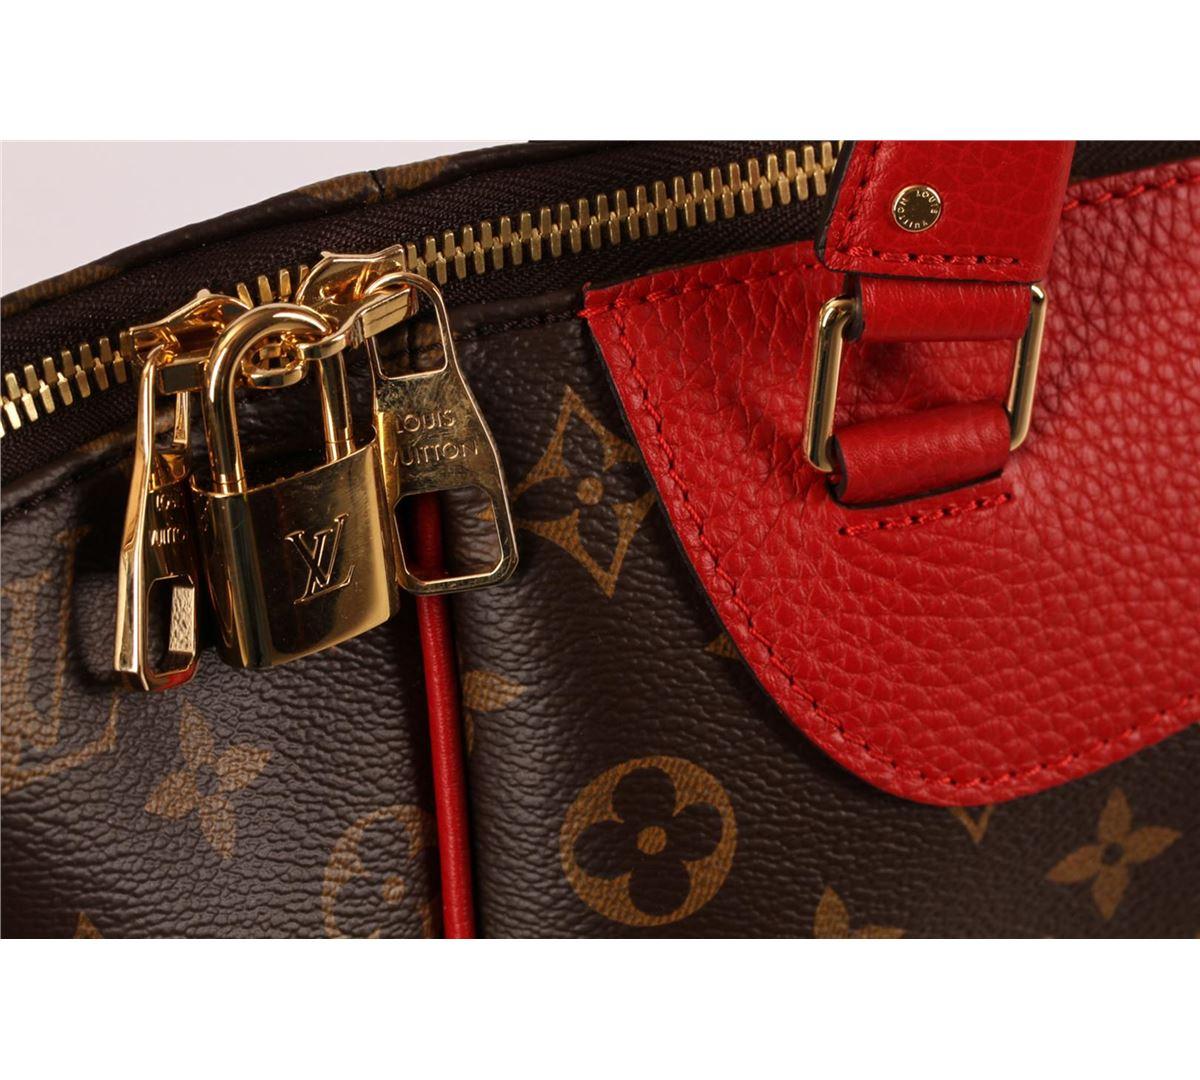 Authentic Louis Vuitton Monogram Red Cerise Estrela Nm Bag